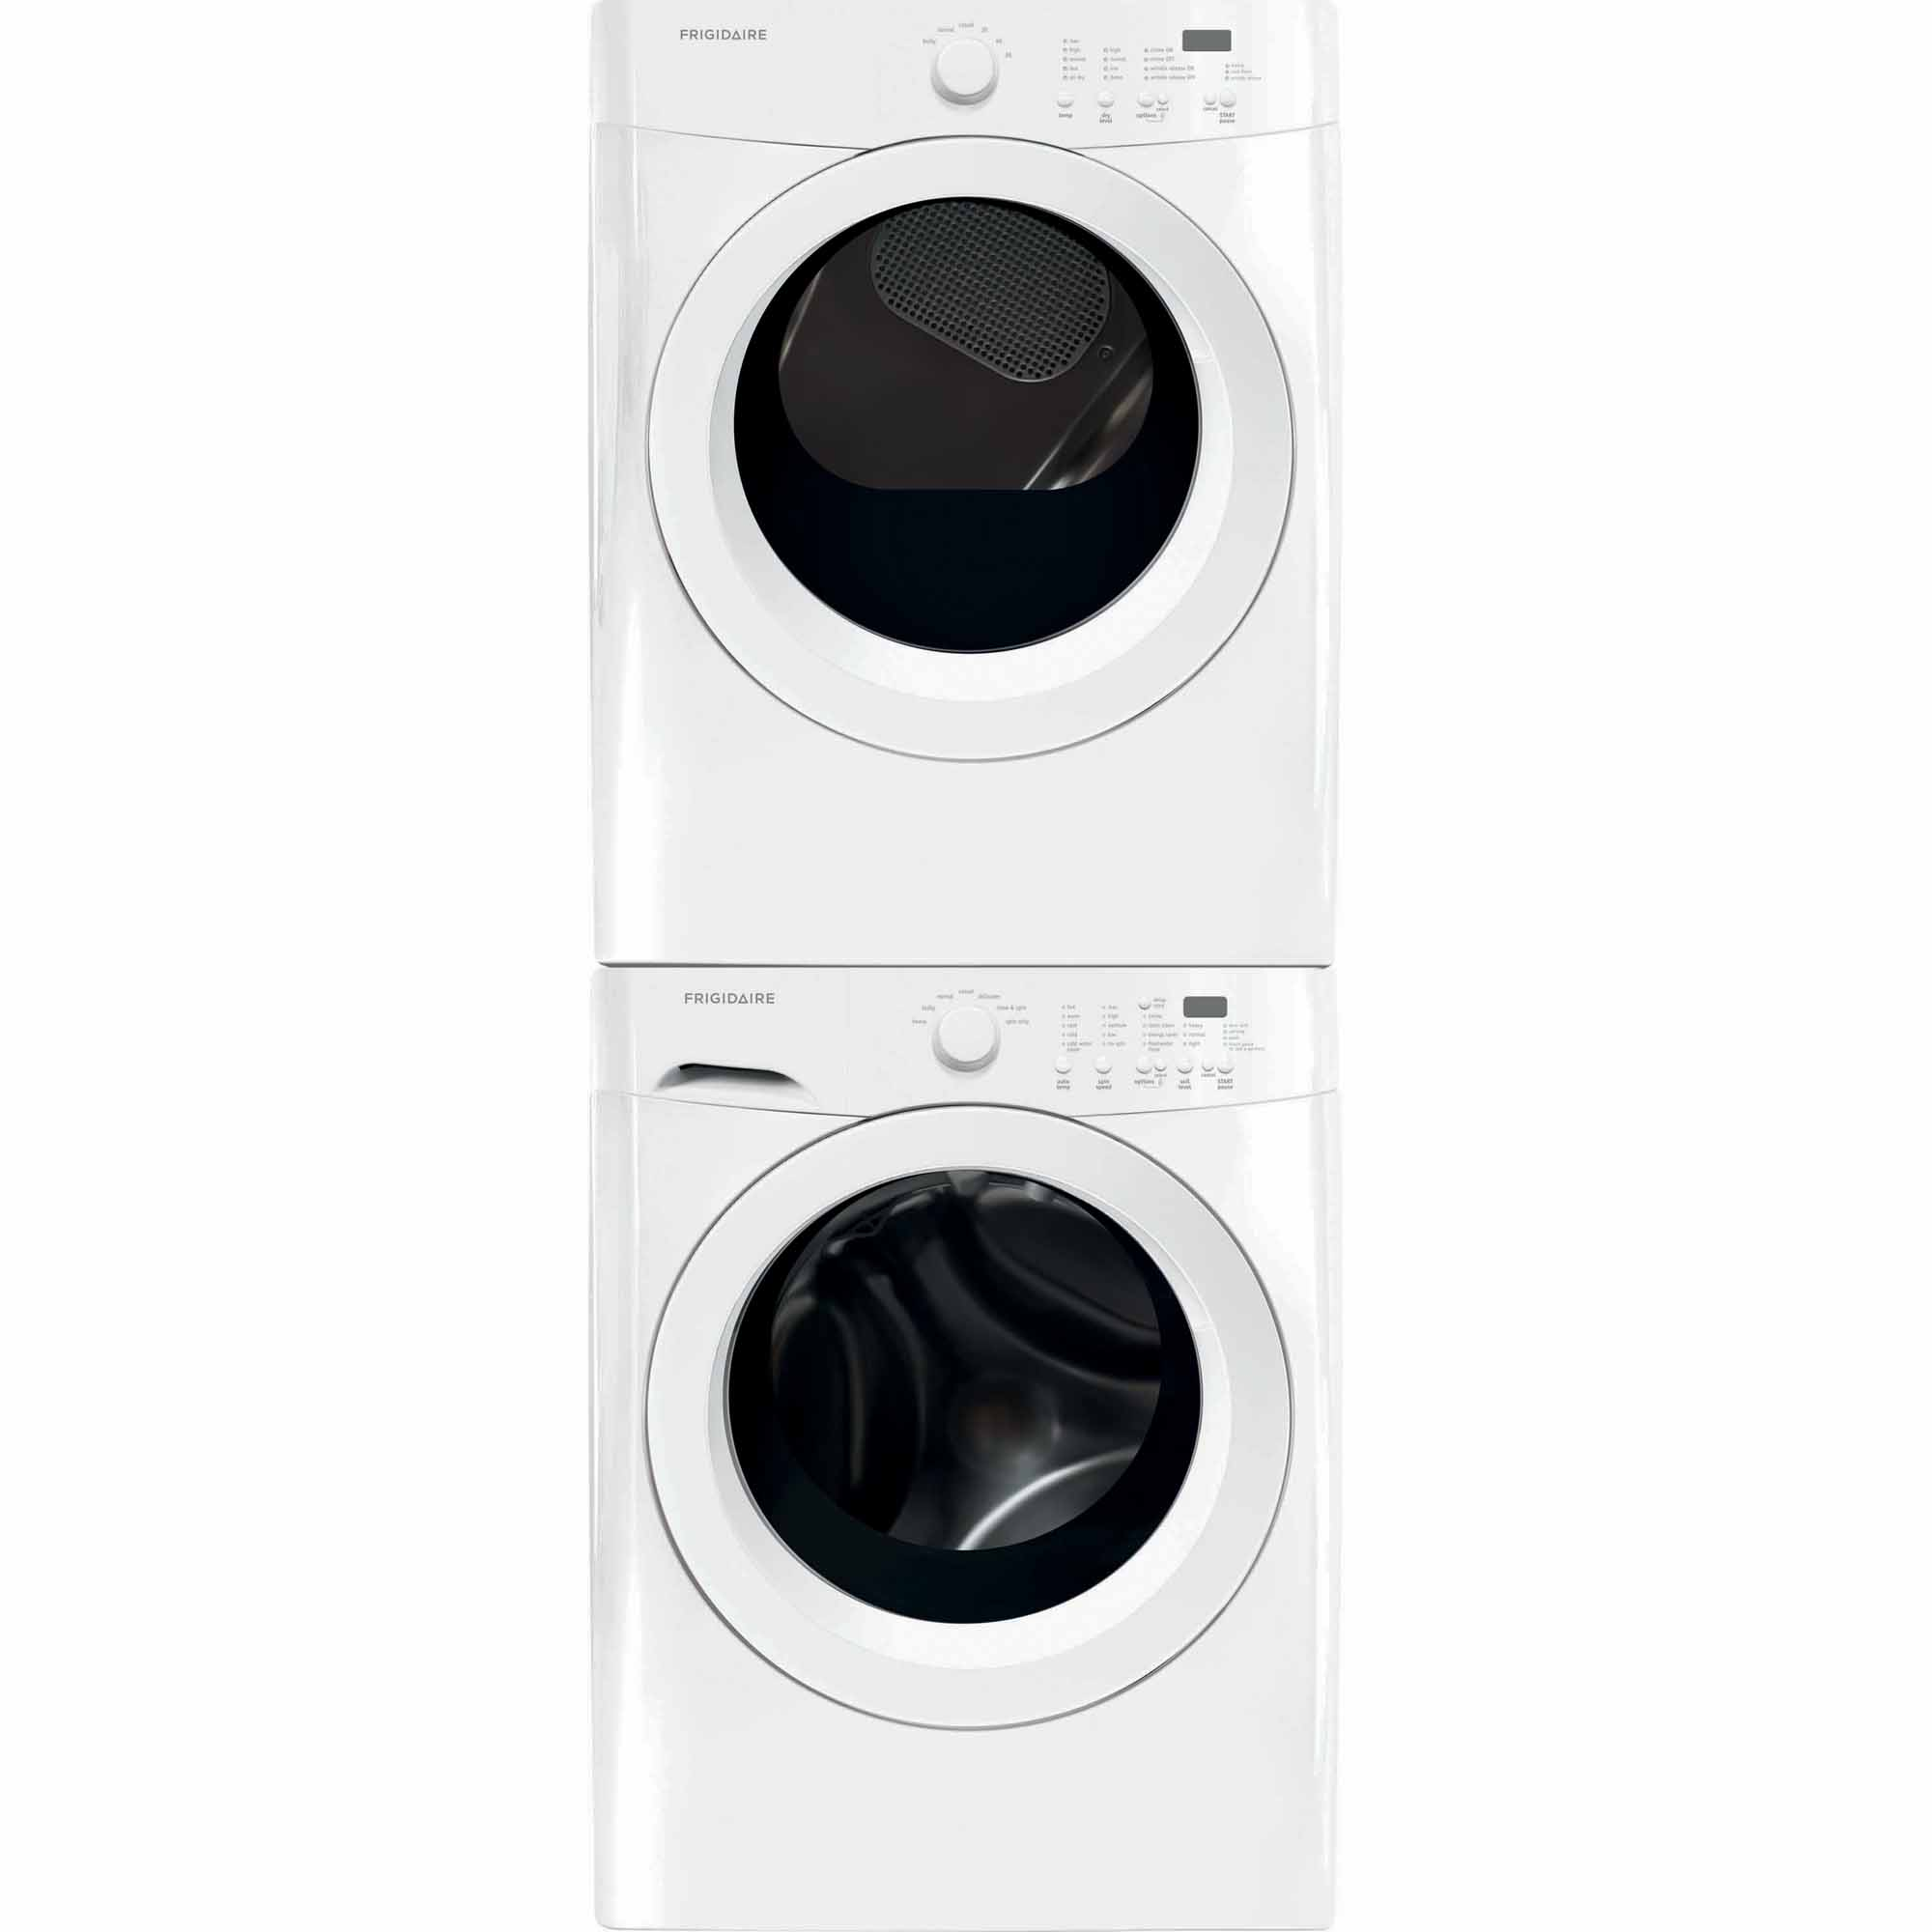 Frigidaire FFQG5000QW 7.0 cu. ft. Gas Dryer - White